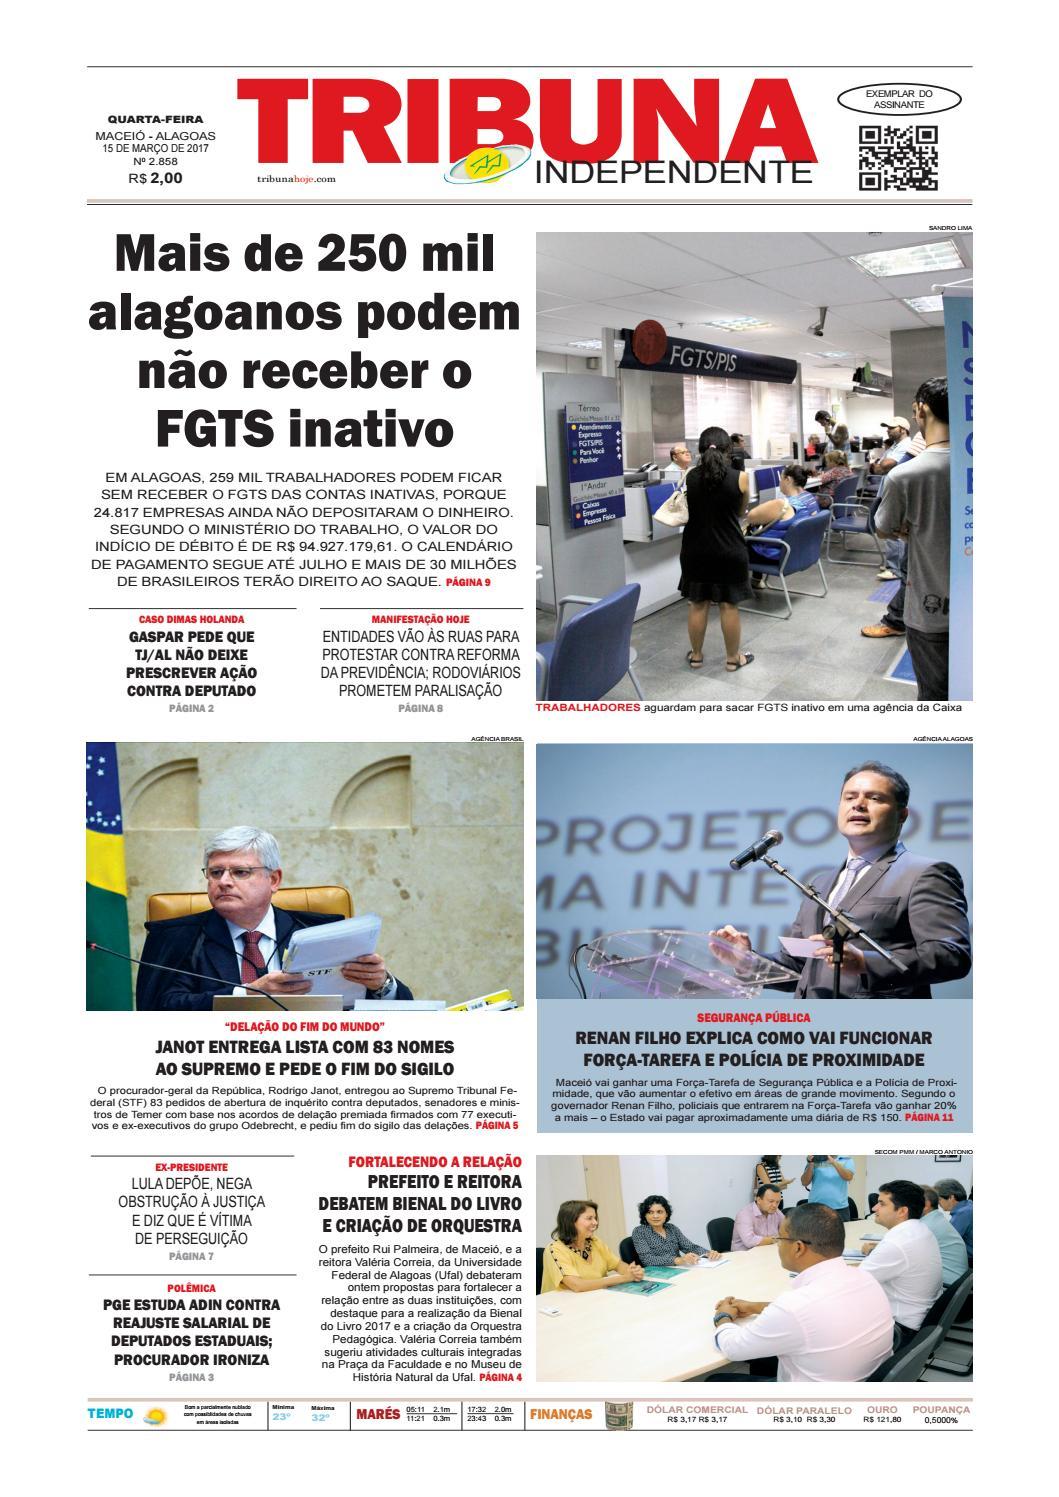 d92c192e1ee Edição número 2857 - 15 de março de 2017 by Tribuna Hoje - issuu